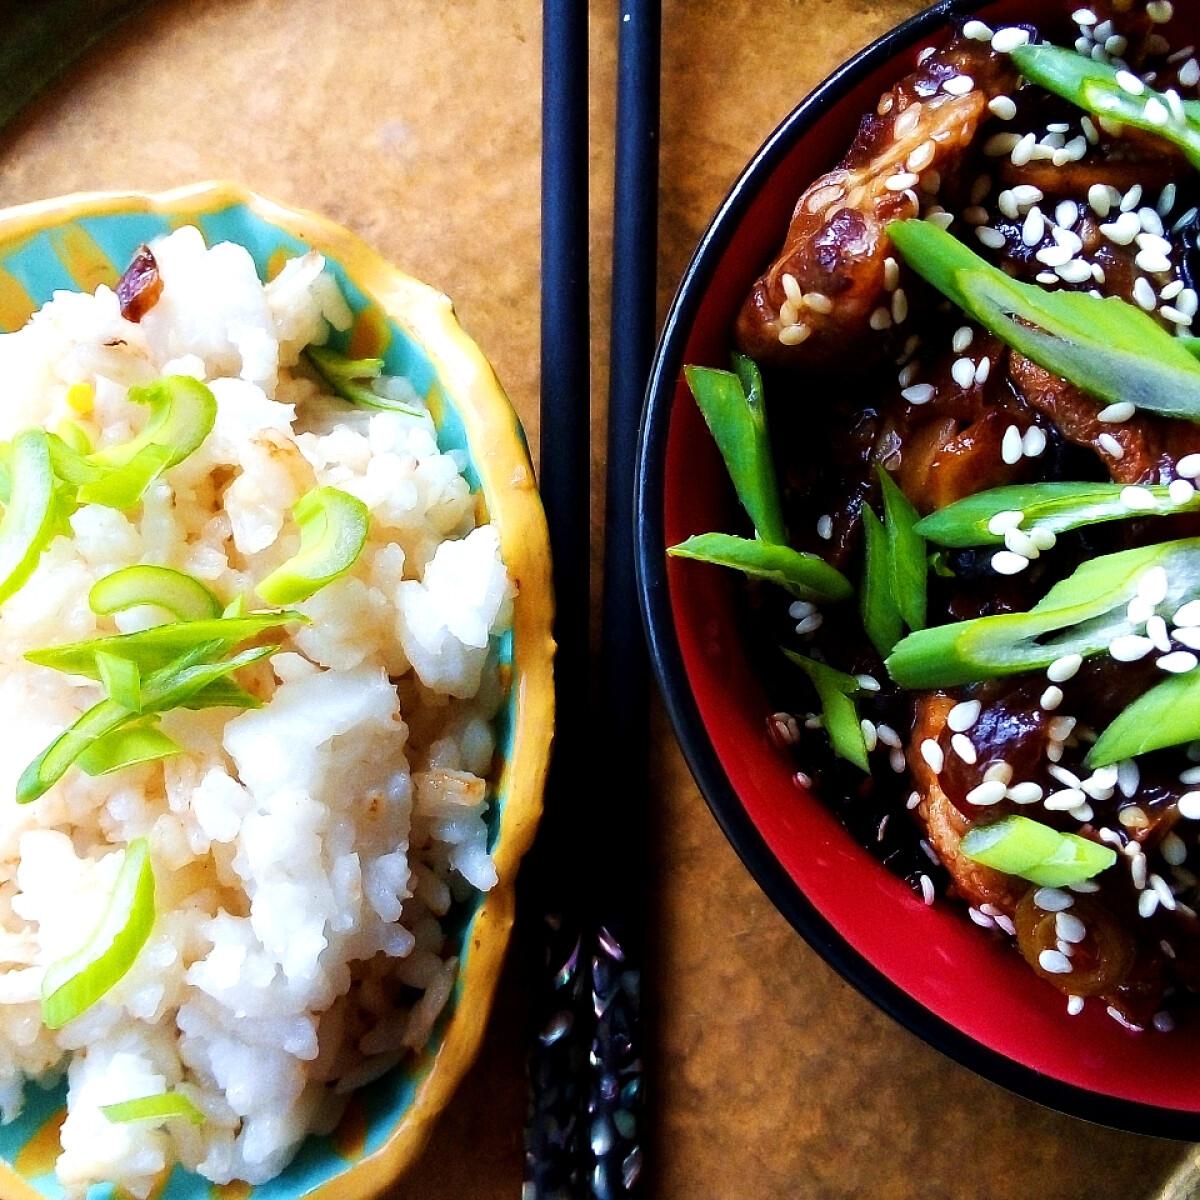 Ezen a képen: Moo shu sertés - kínai sertés, liliommal és uborkával